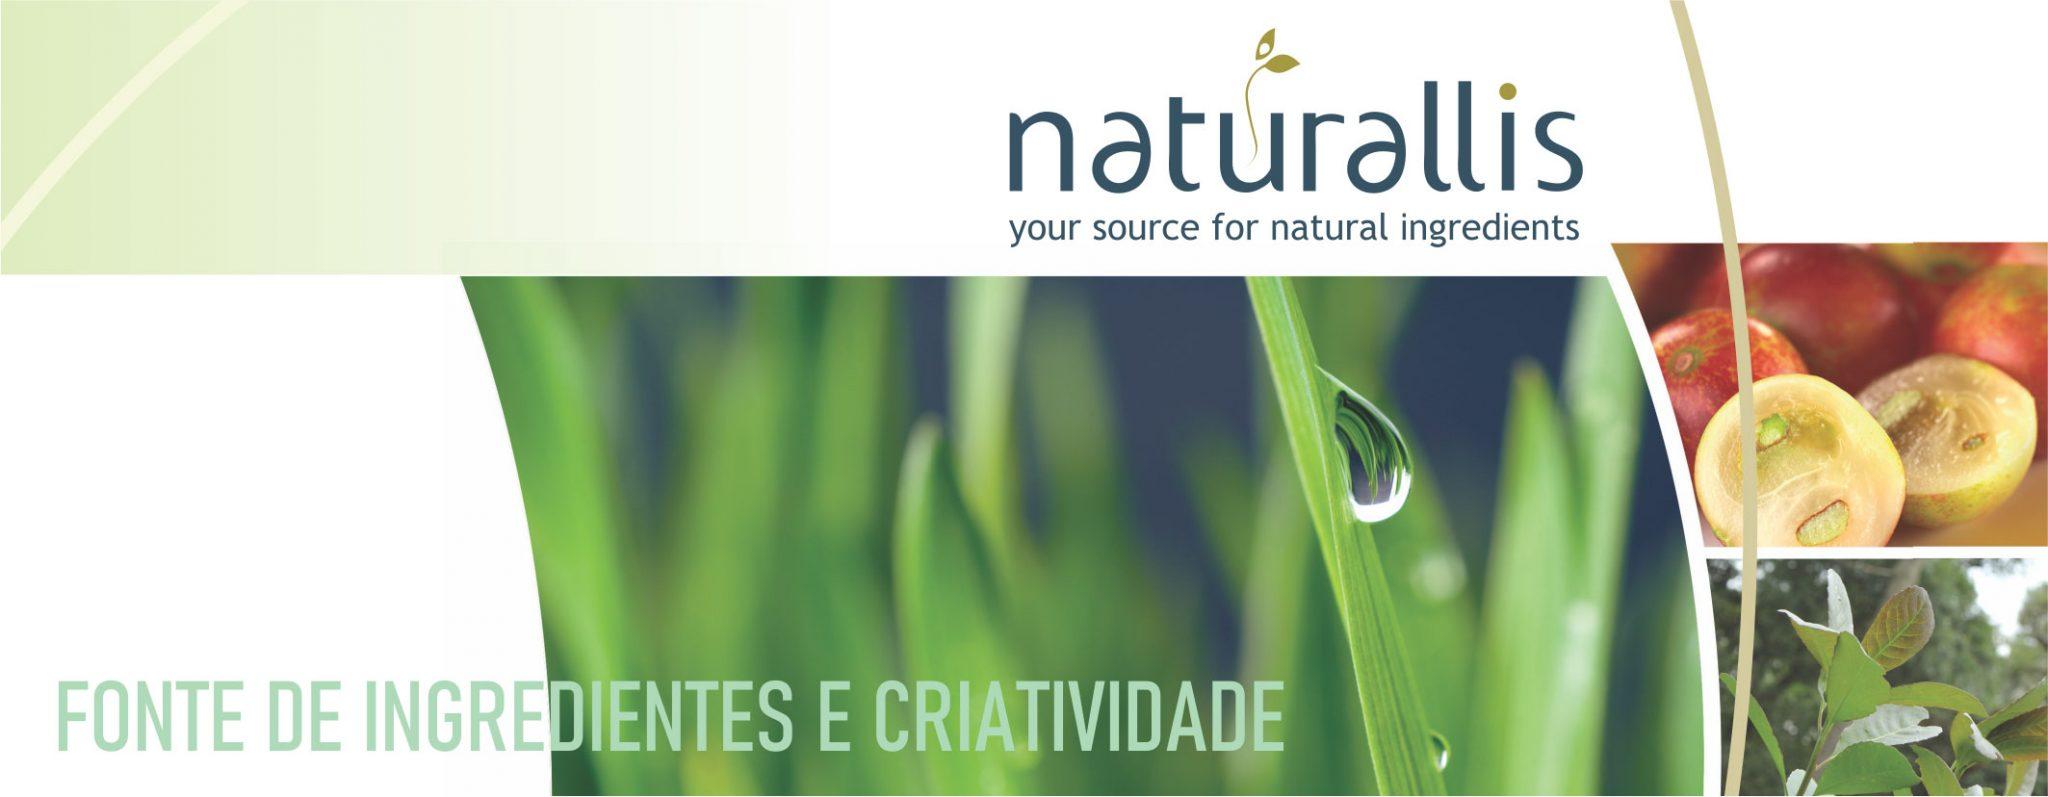 naturallis